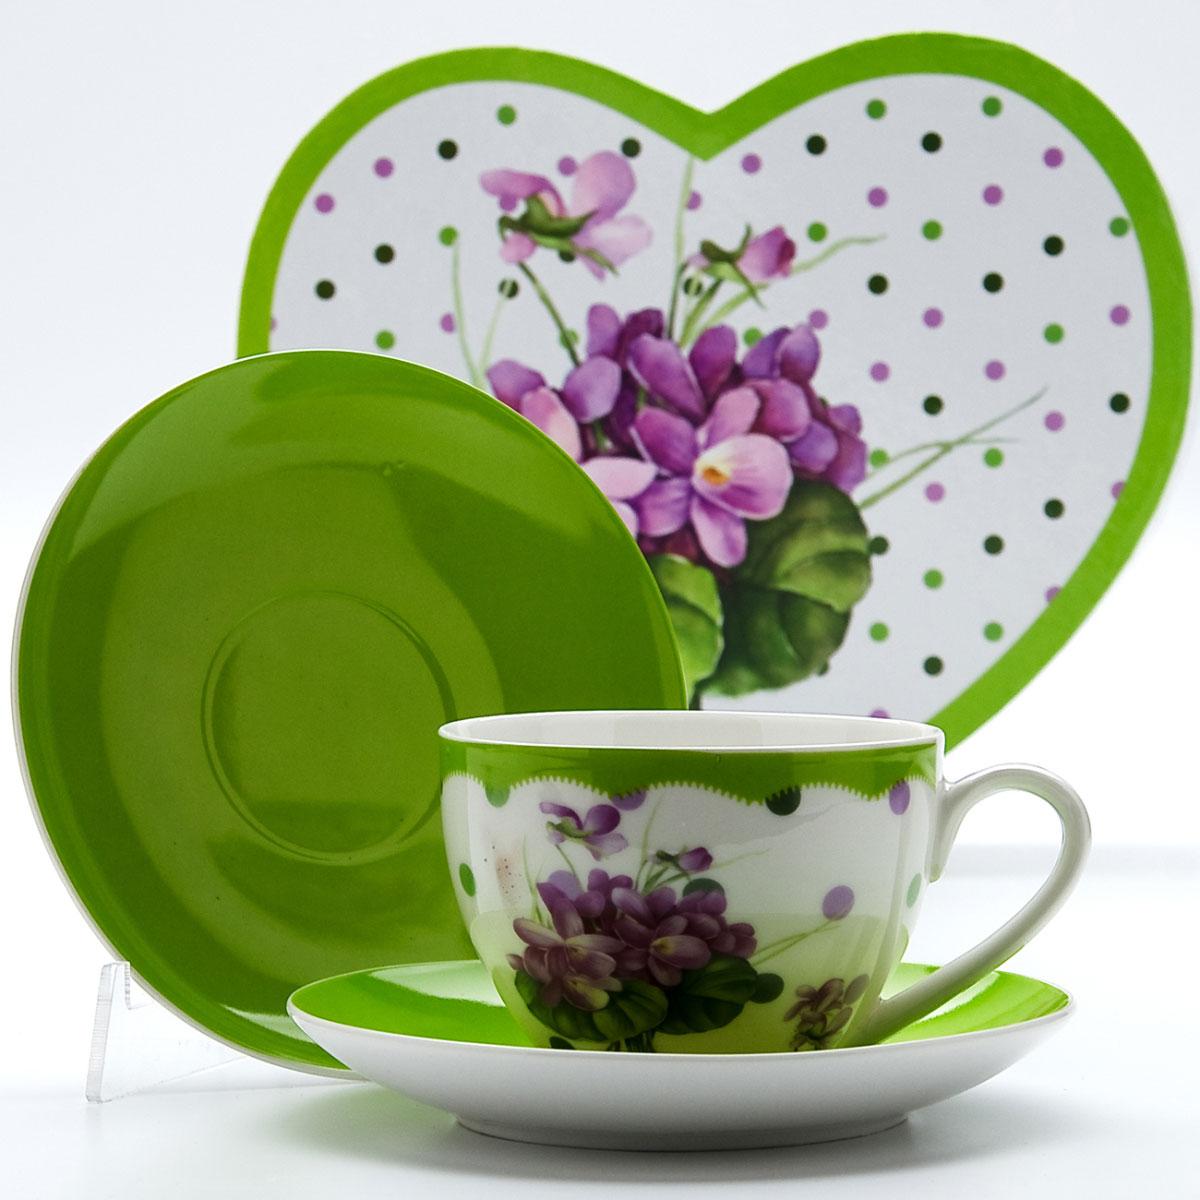 Чайная пара Mayer & Boch Лютик, 4 предмета22998Этот чайный набор, выполненный из высококачественного костяного фарфора, состоит из двух чашек и двух блюдец. Предметы набора оформлены ярким изображением цветов. Изящный дизайн и красочность оформления придутся по вкусу и ценителям классики, и тем, кто предпочитает утонченность и изысканность. Чайный набор - идеальный и необходимый подарок для вашего дома и для ваших друзей в праздники, юбилеи и торжества! Он также станет отличным корпоративным подарком и украшением любой кухни. Чайный набор упакован в подарочную коробку в форме сердца из плотного цветного картона. Внутренняя часть коробки задрапирована белым атласом.